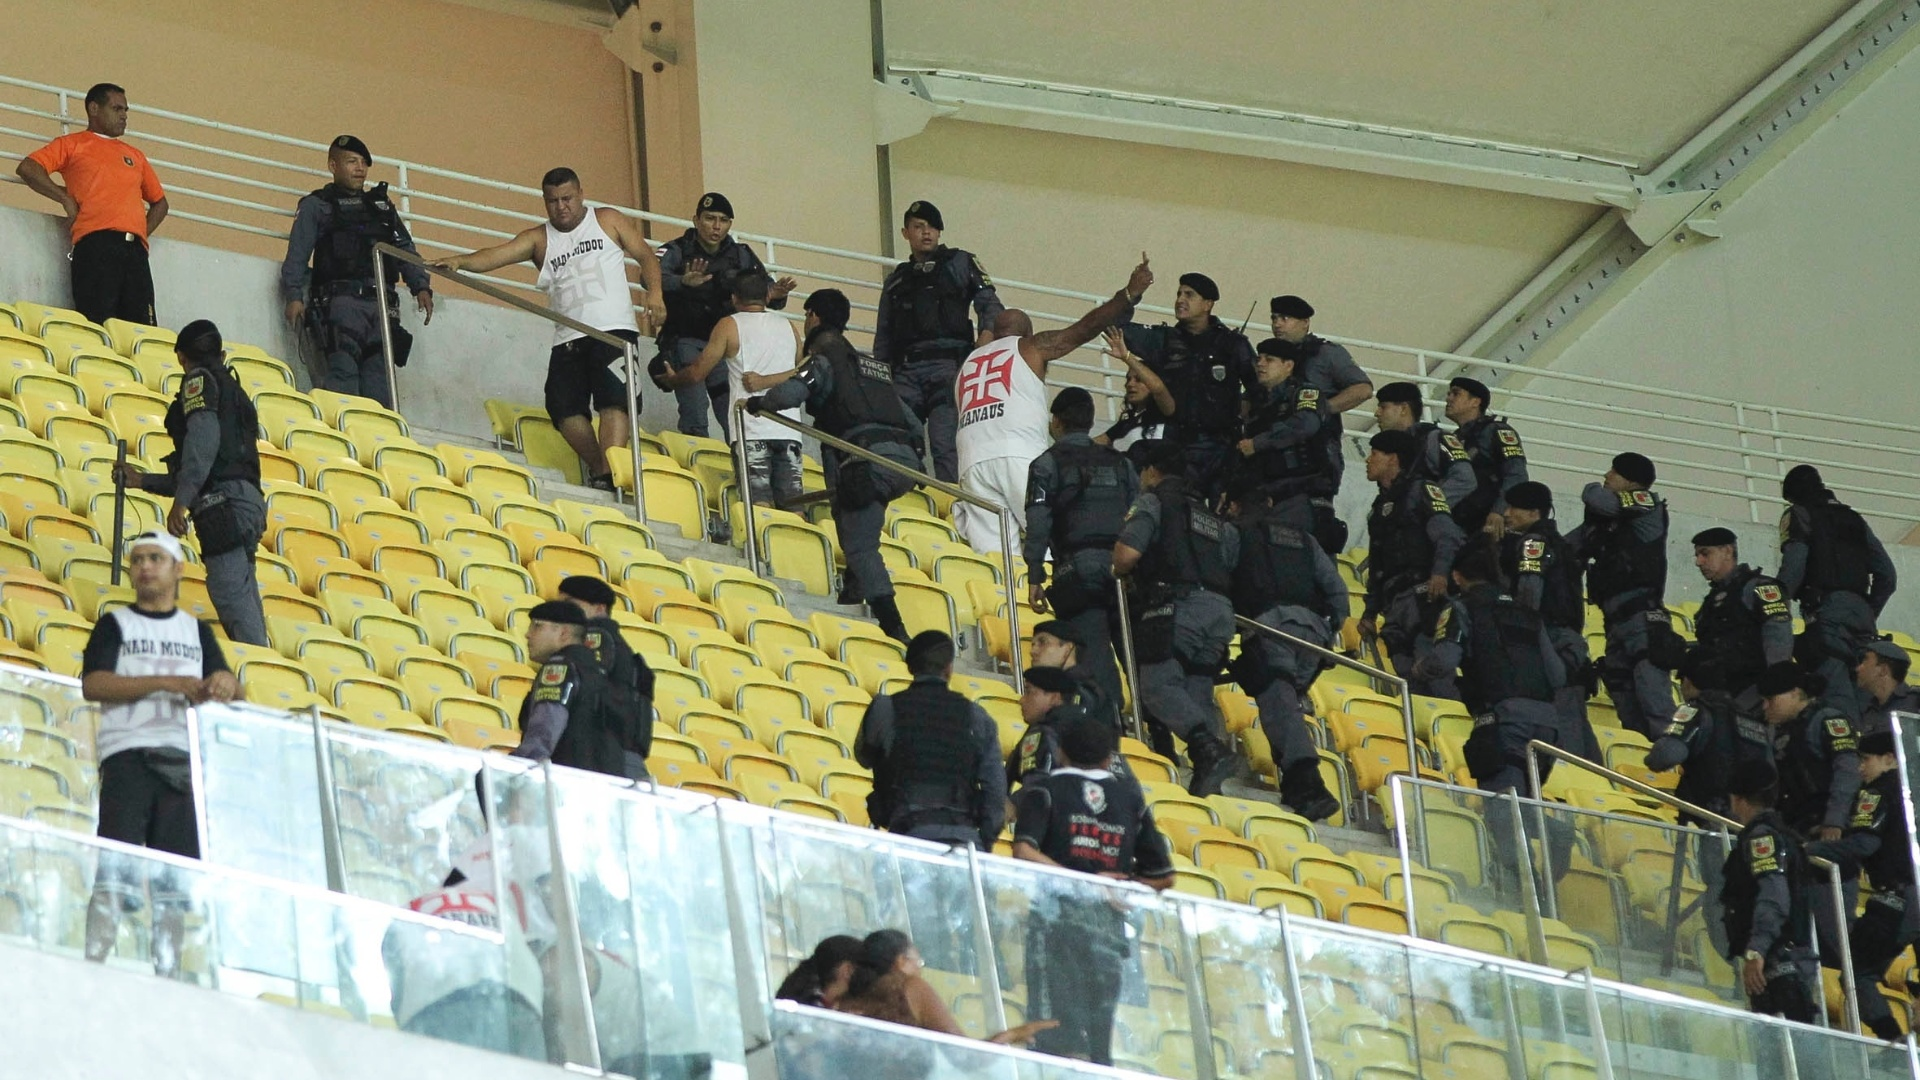 Polícia Militar escolta torcedores do Vasco envolvidos em briga com torcida do Flamnego